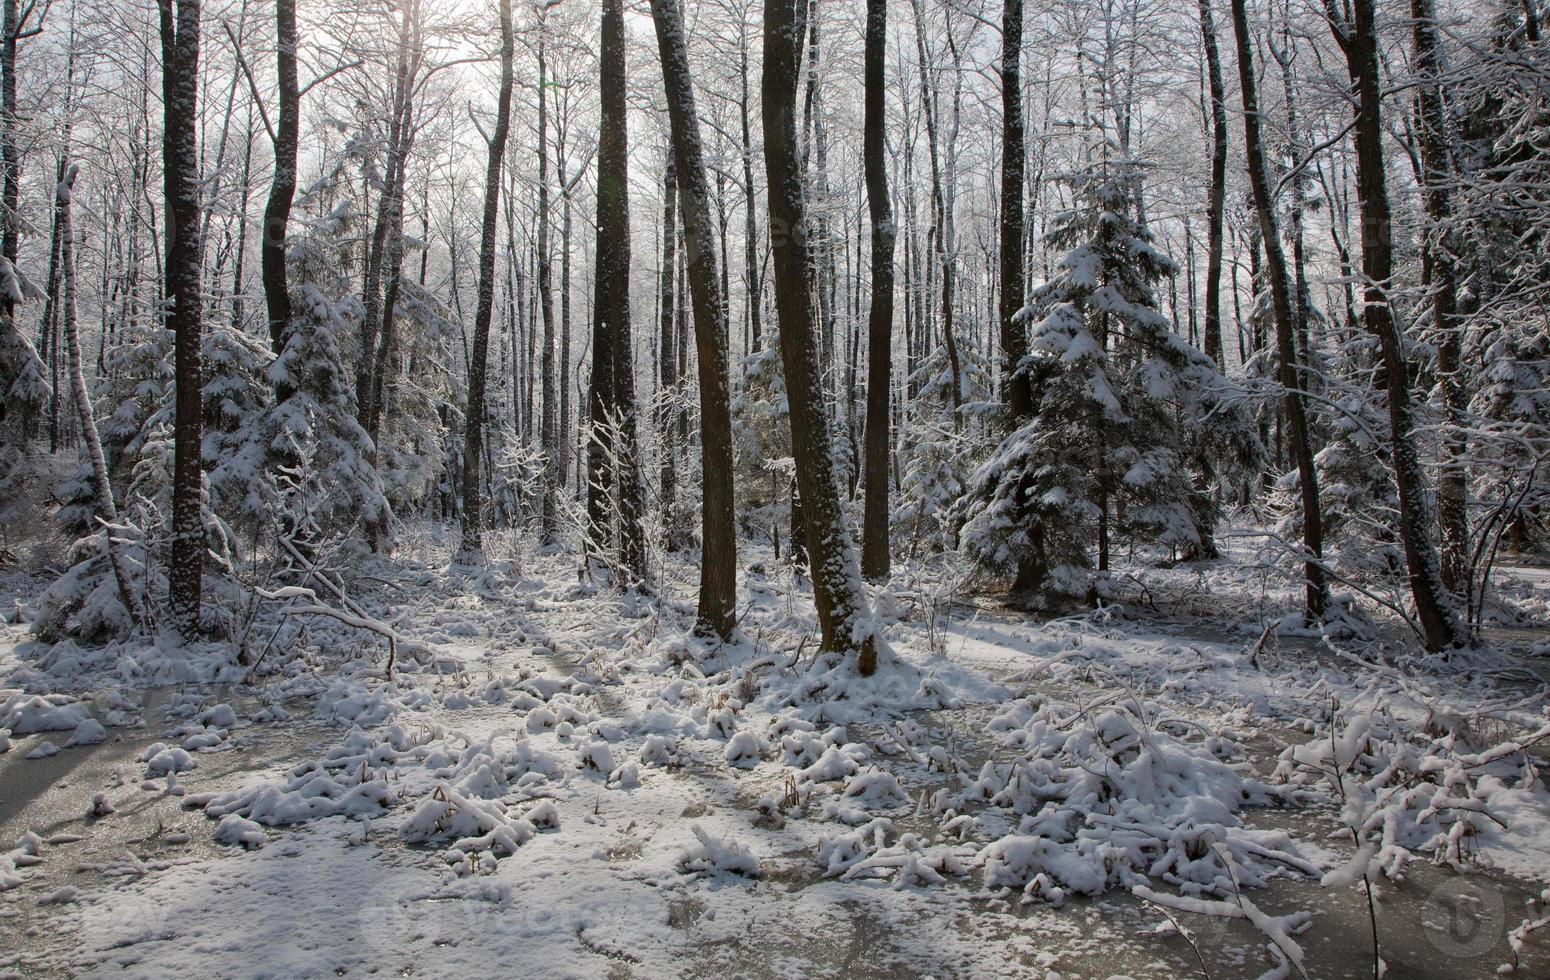 queda de neve após parada do pântano pela manhã foto